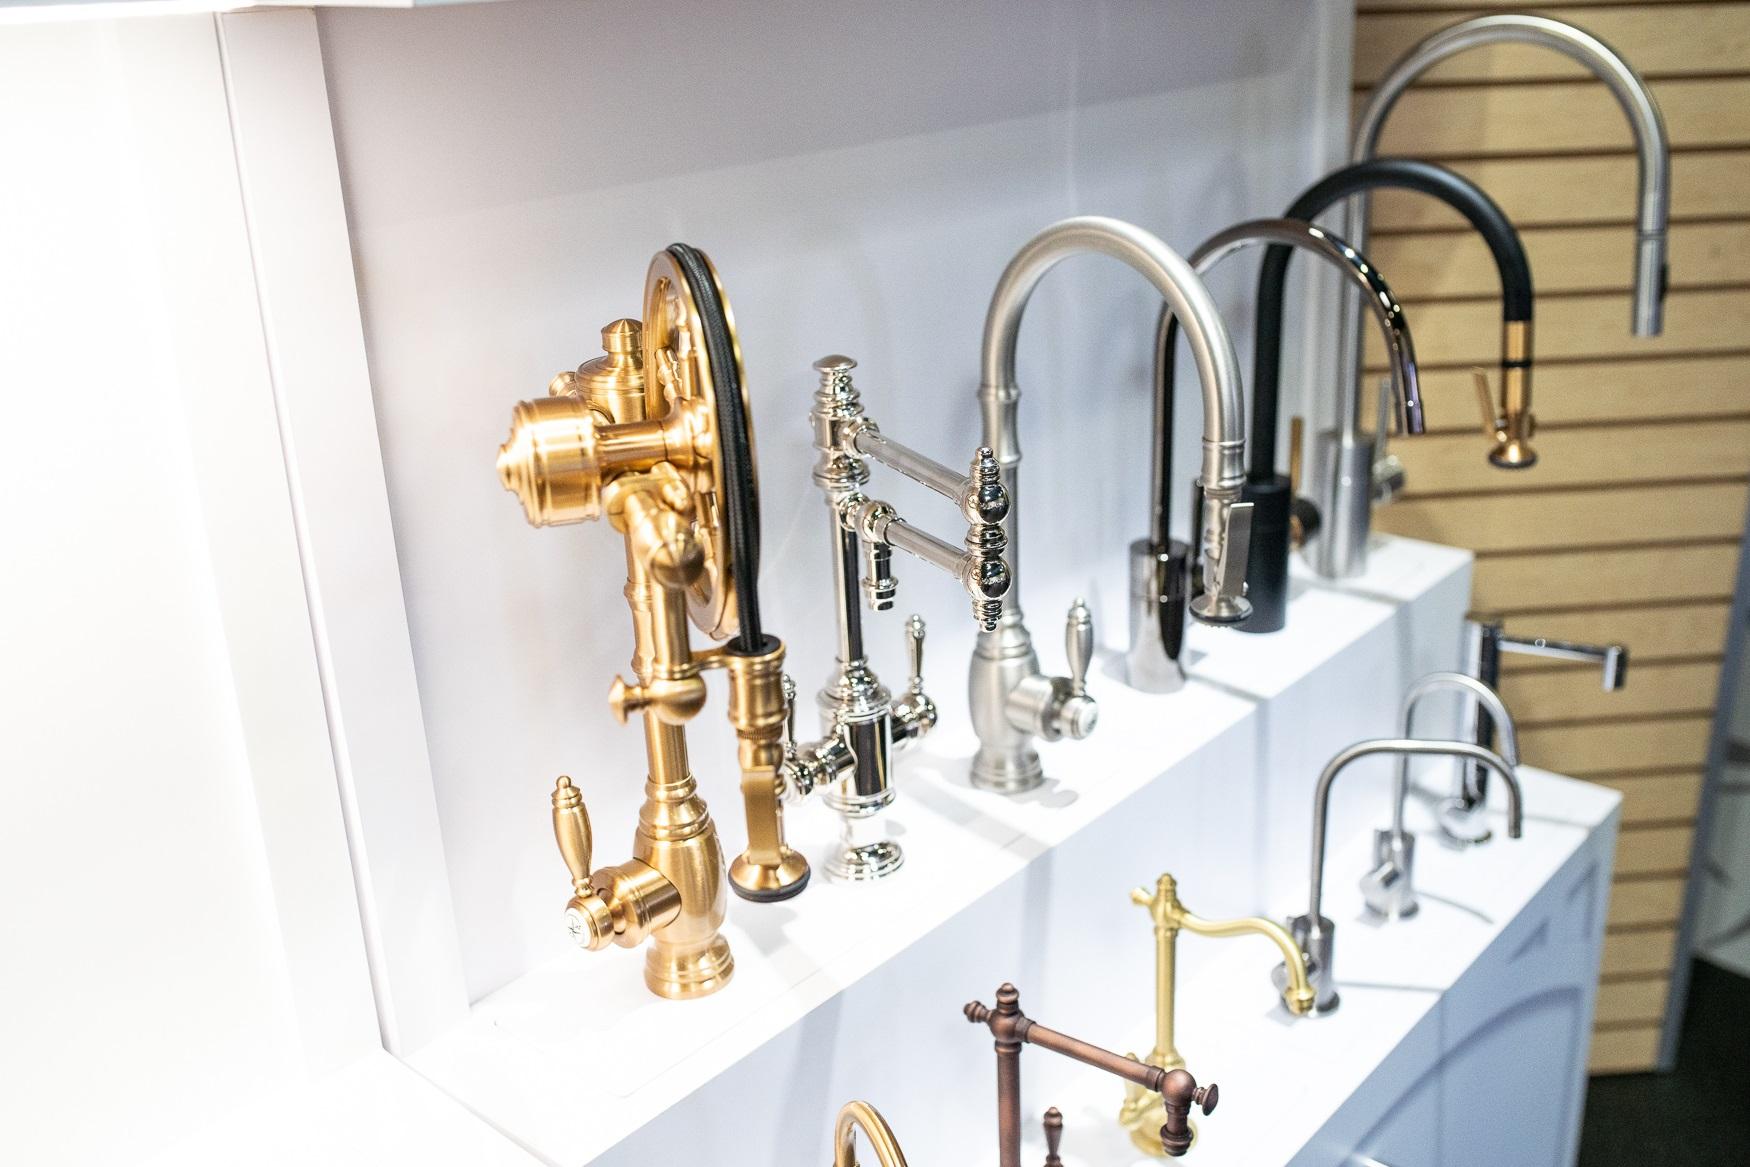 Curieux designs de robinets de cuisine.